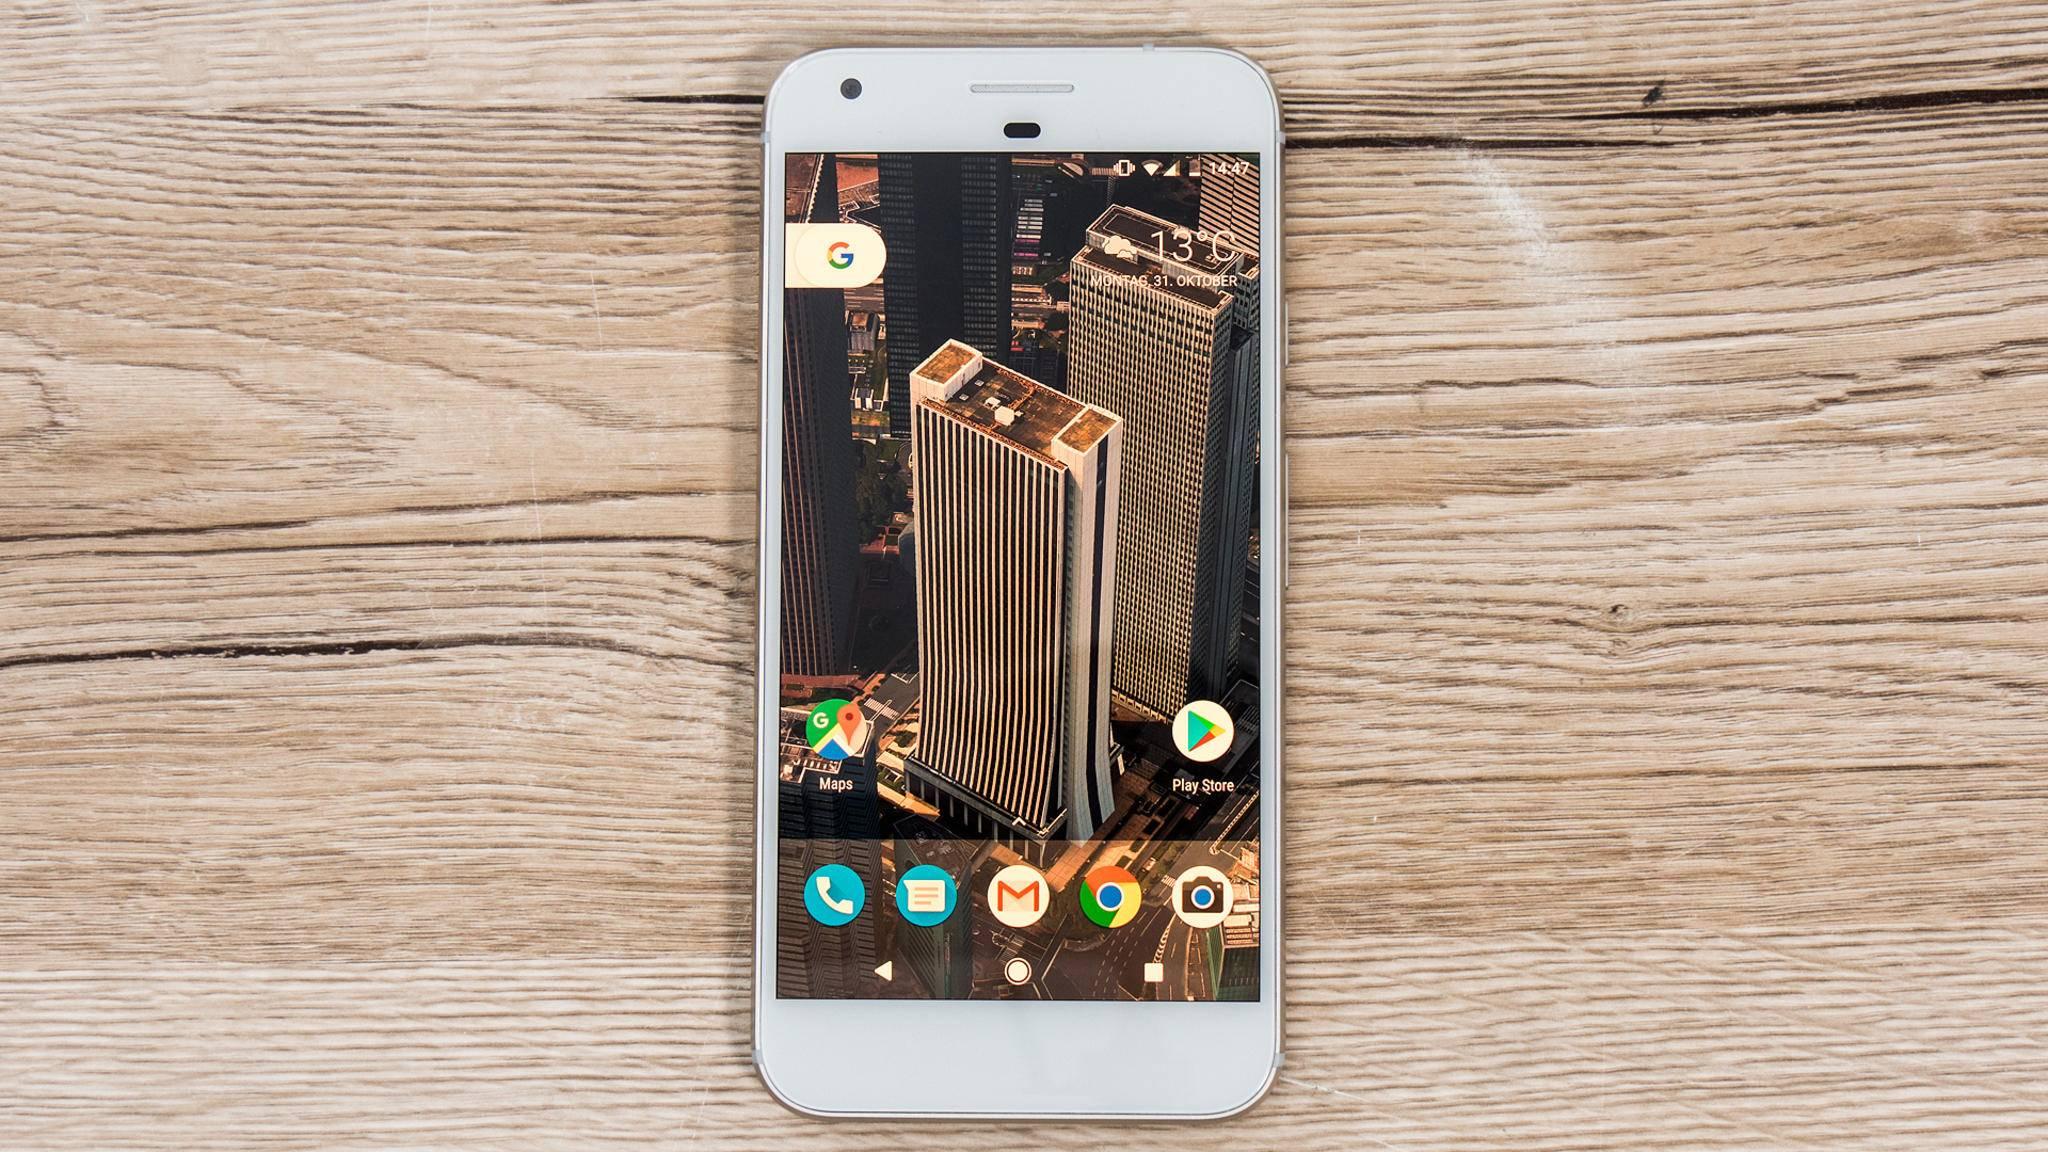 Wer ein Pixel Phone besitzt, hat keine Speicher- und Qualitätsbegrenzung in Google Fotos.